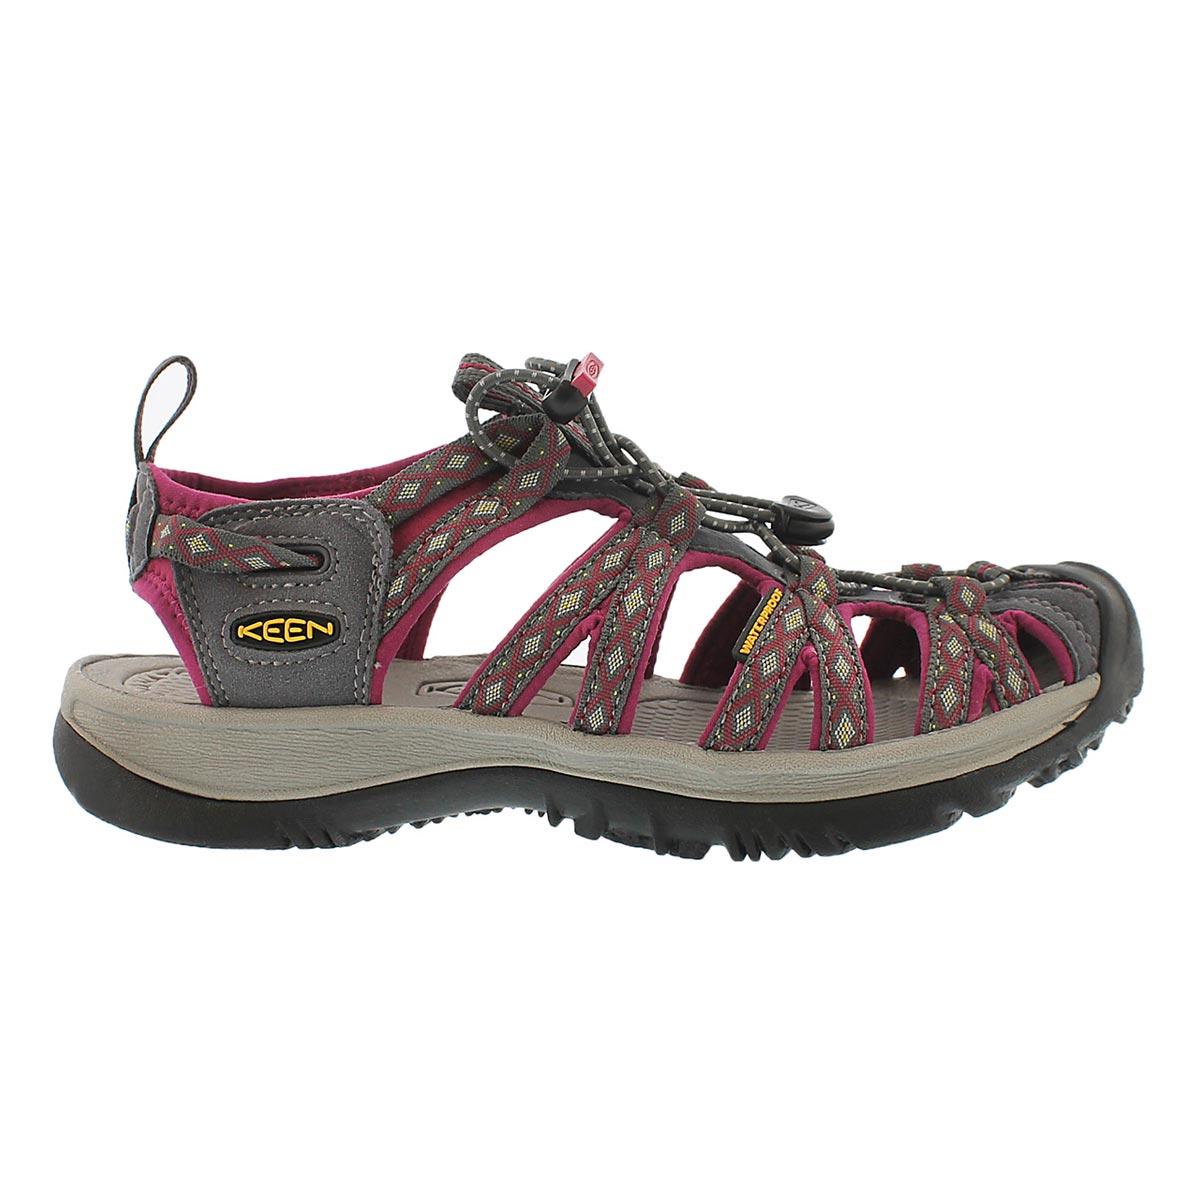 Keen Women's Whisper Sport Sandal | eBay